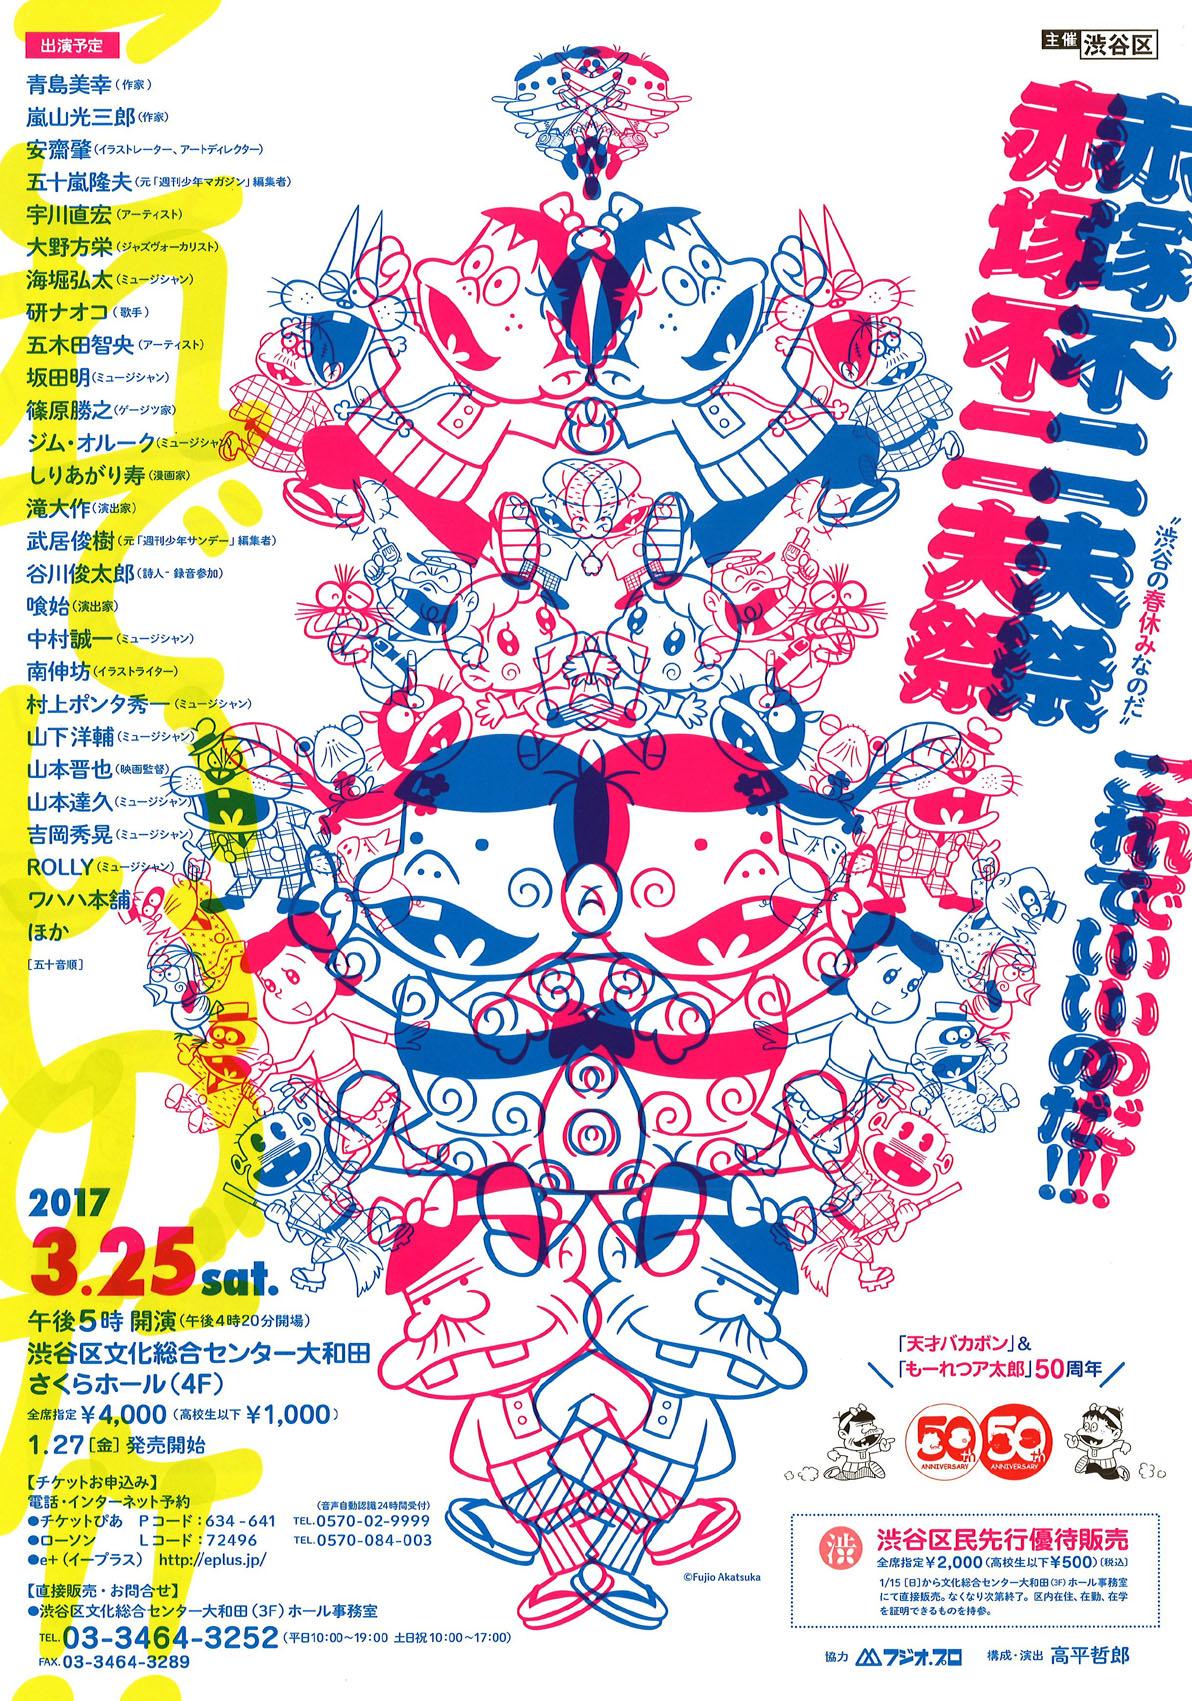 """【娯楽座出演】「天才バカボン」&「もーれつア太郎」50周年 赤塚不二夫祭 """"これでいいのだ!!"""""""